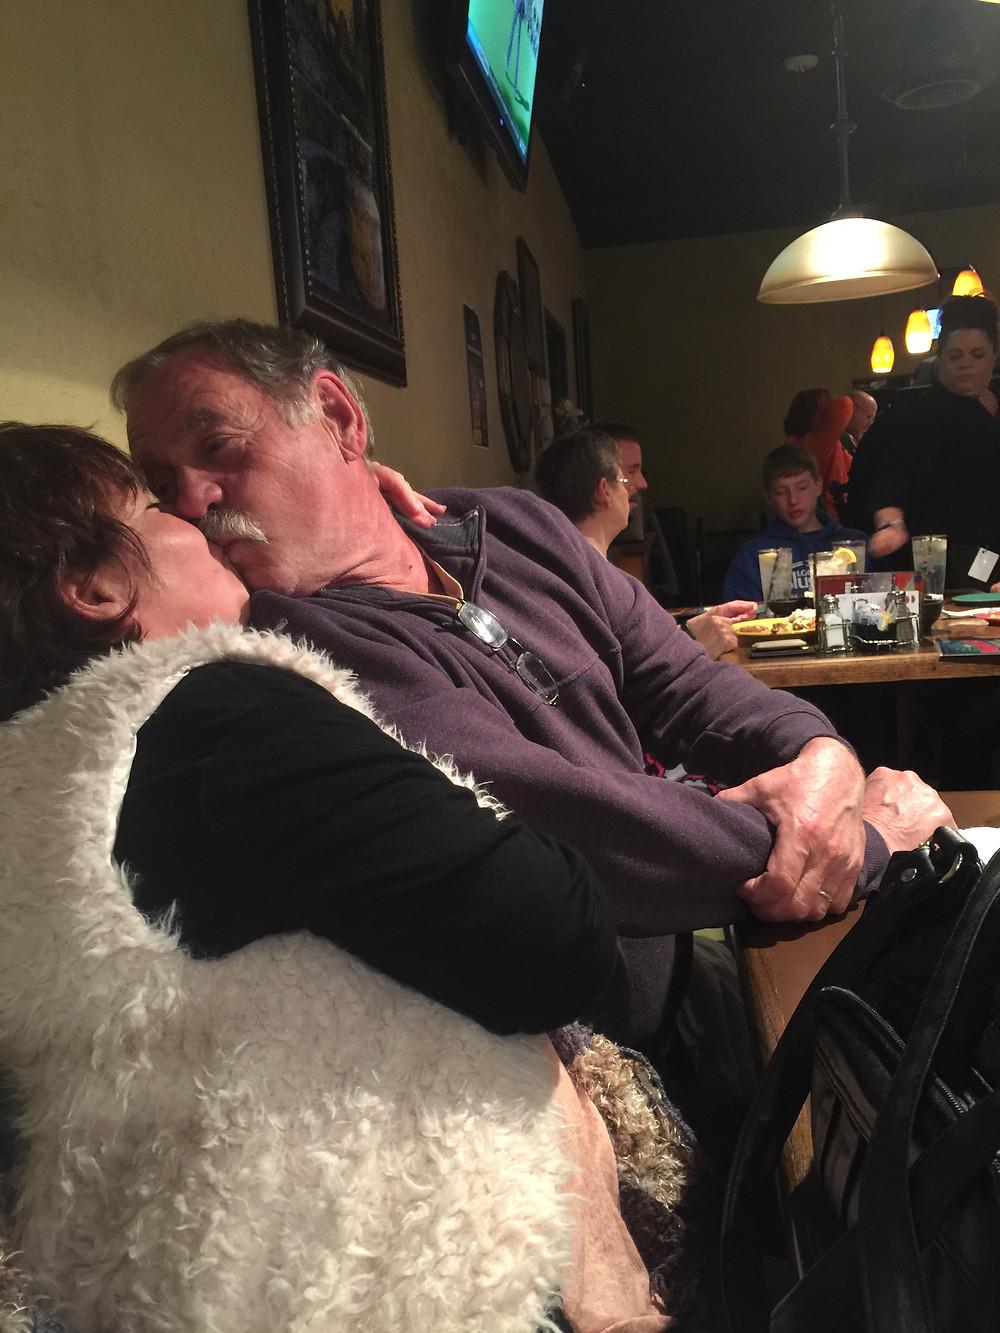 Steve and Terri